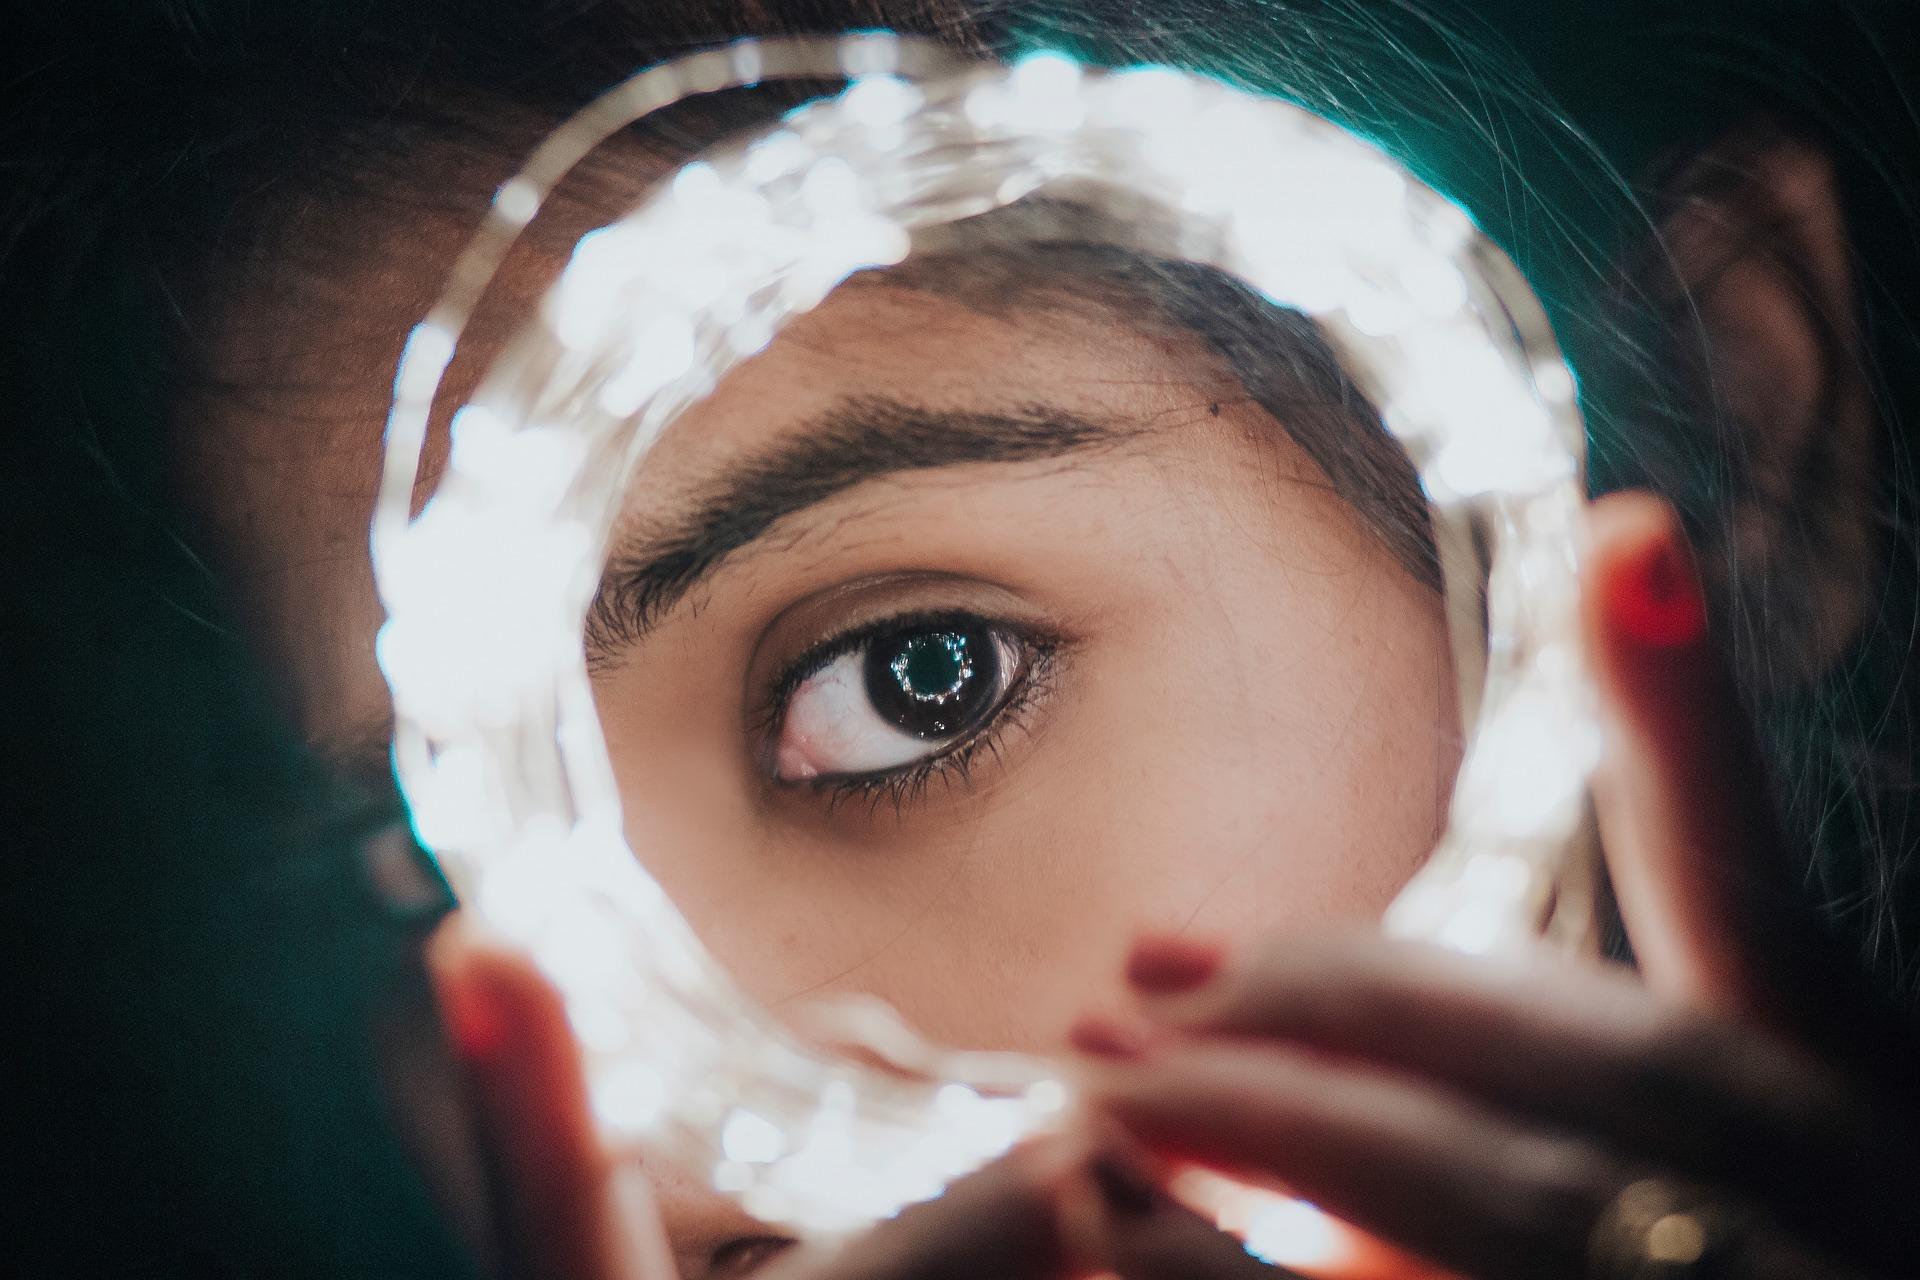 woman_eye.jpg